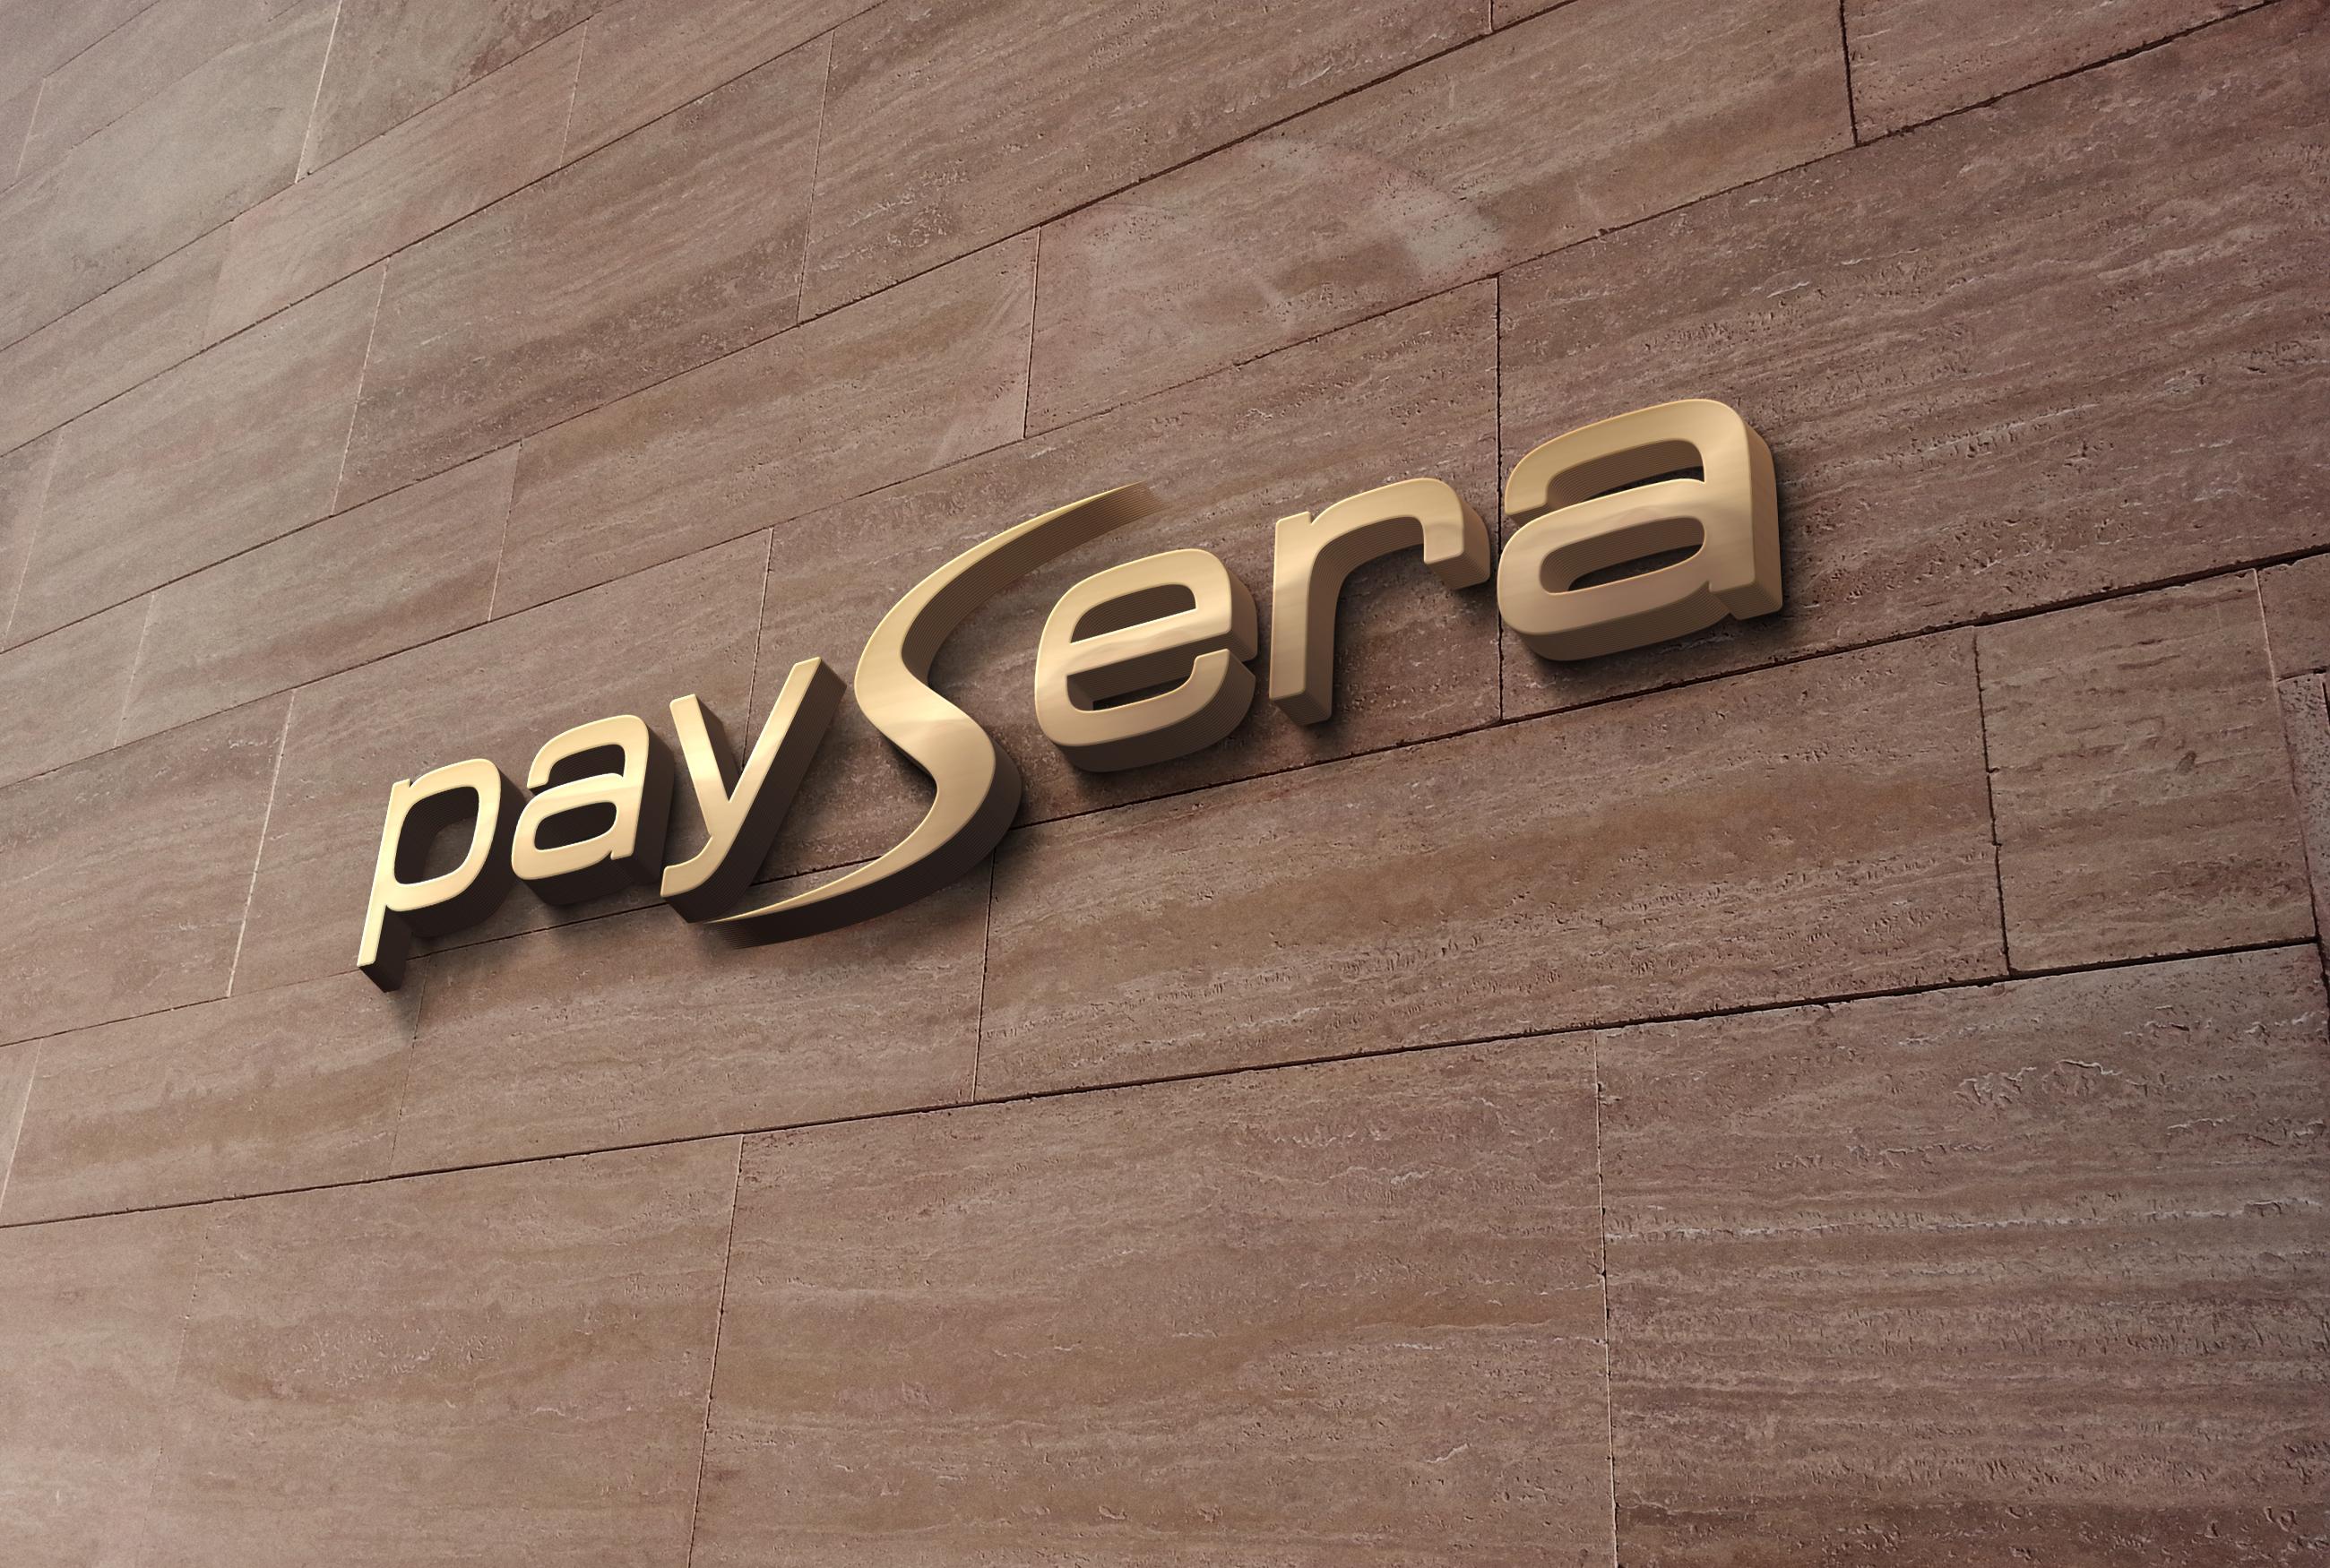 Paysera padidino įstatinį kapitalą ir ruošiasi tapti banku